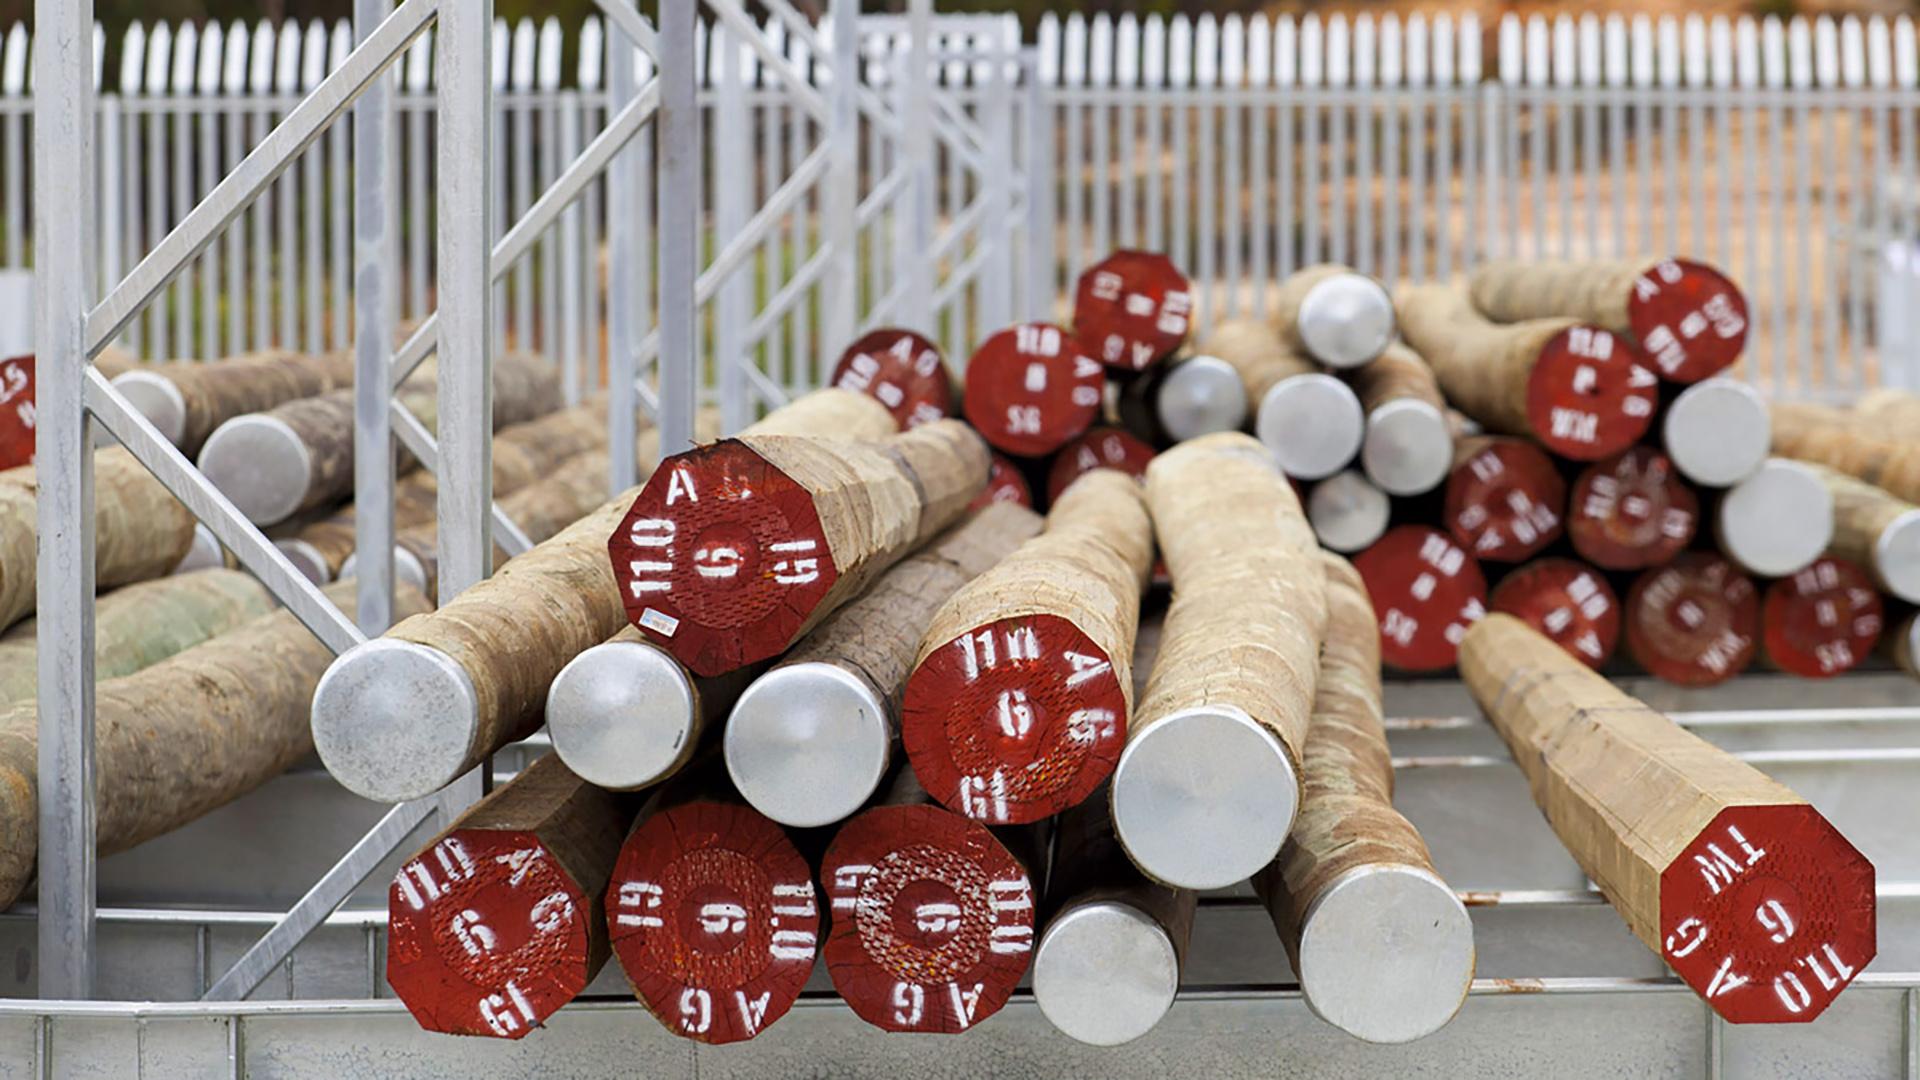 Ausgrid Ku-ring-gai Pole Storage Deport Warehouse Poles – Gardner Wetherill GW 1